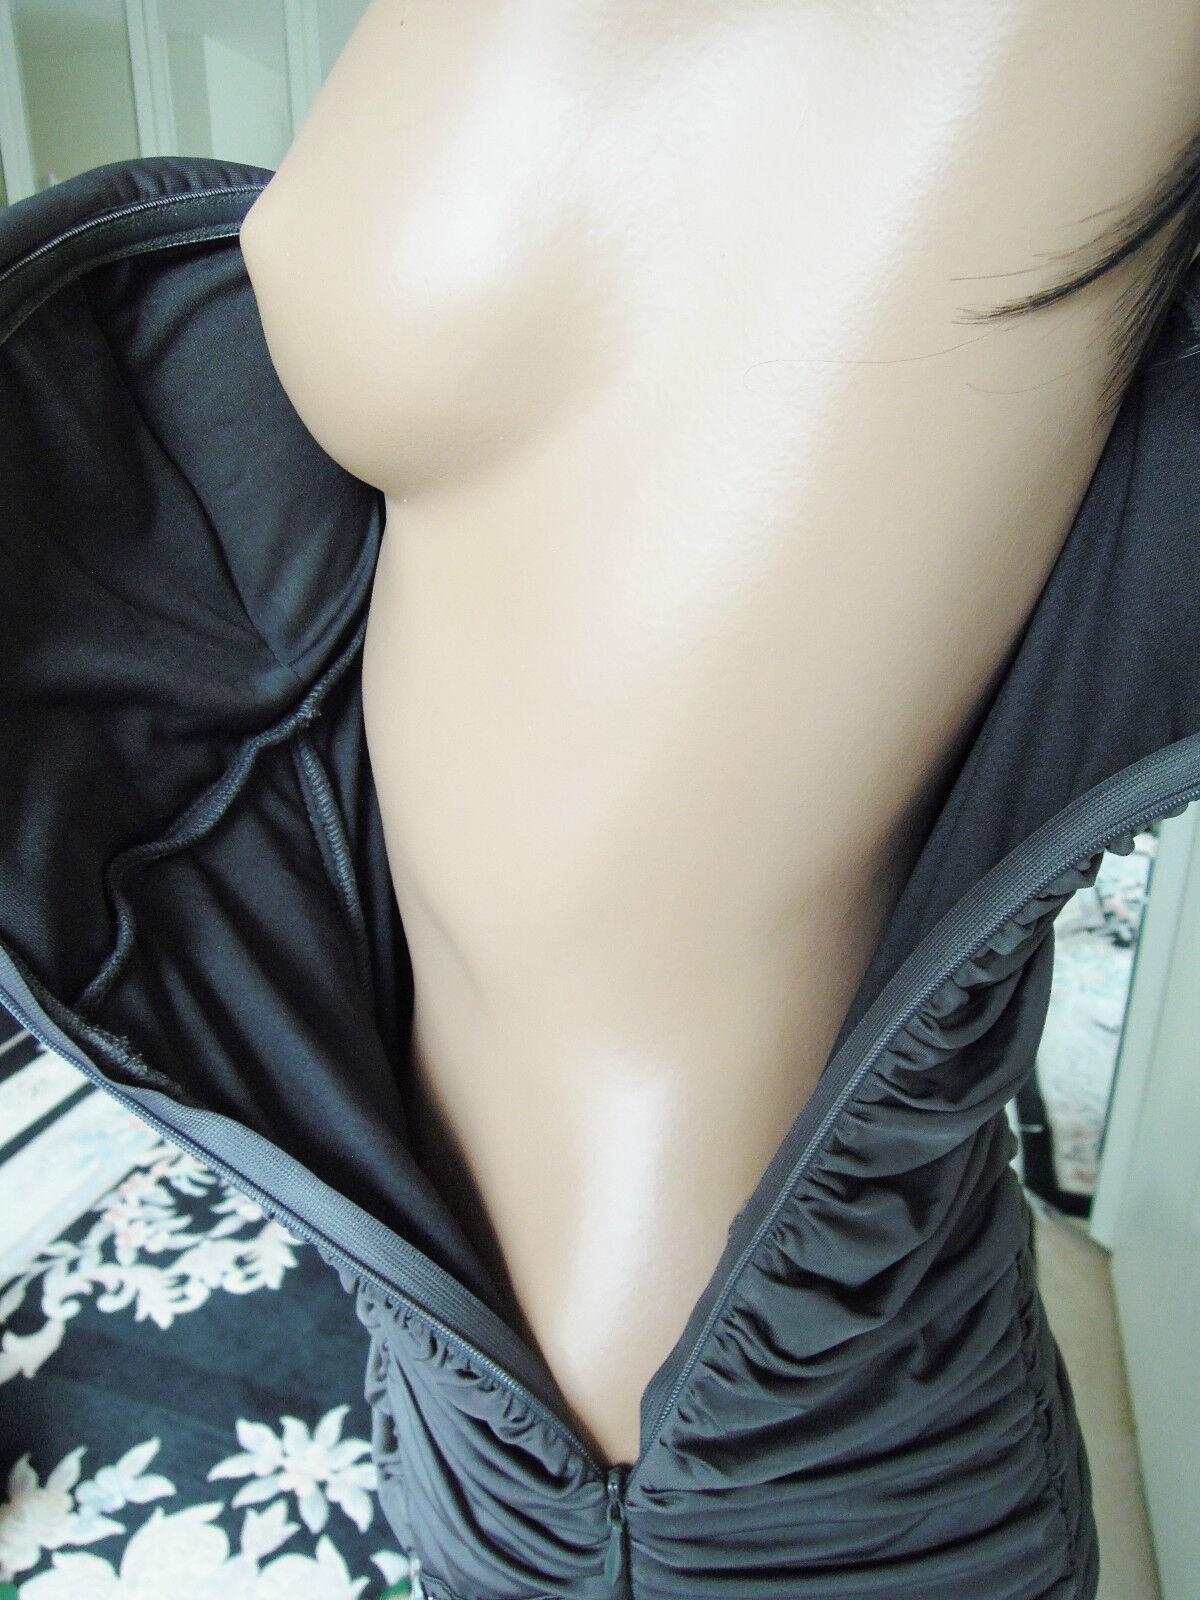 Abito da sera tg tg tg 38 tg. 40 GRIGIO gioielli pietre cristalli strass sexy arricciato 08b64a